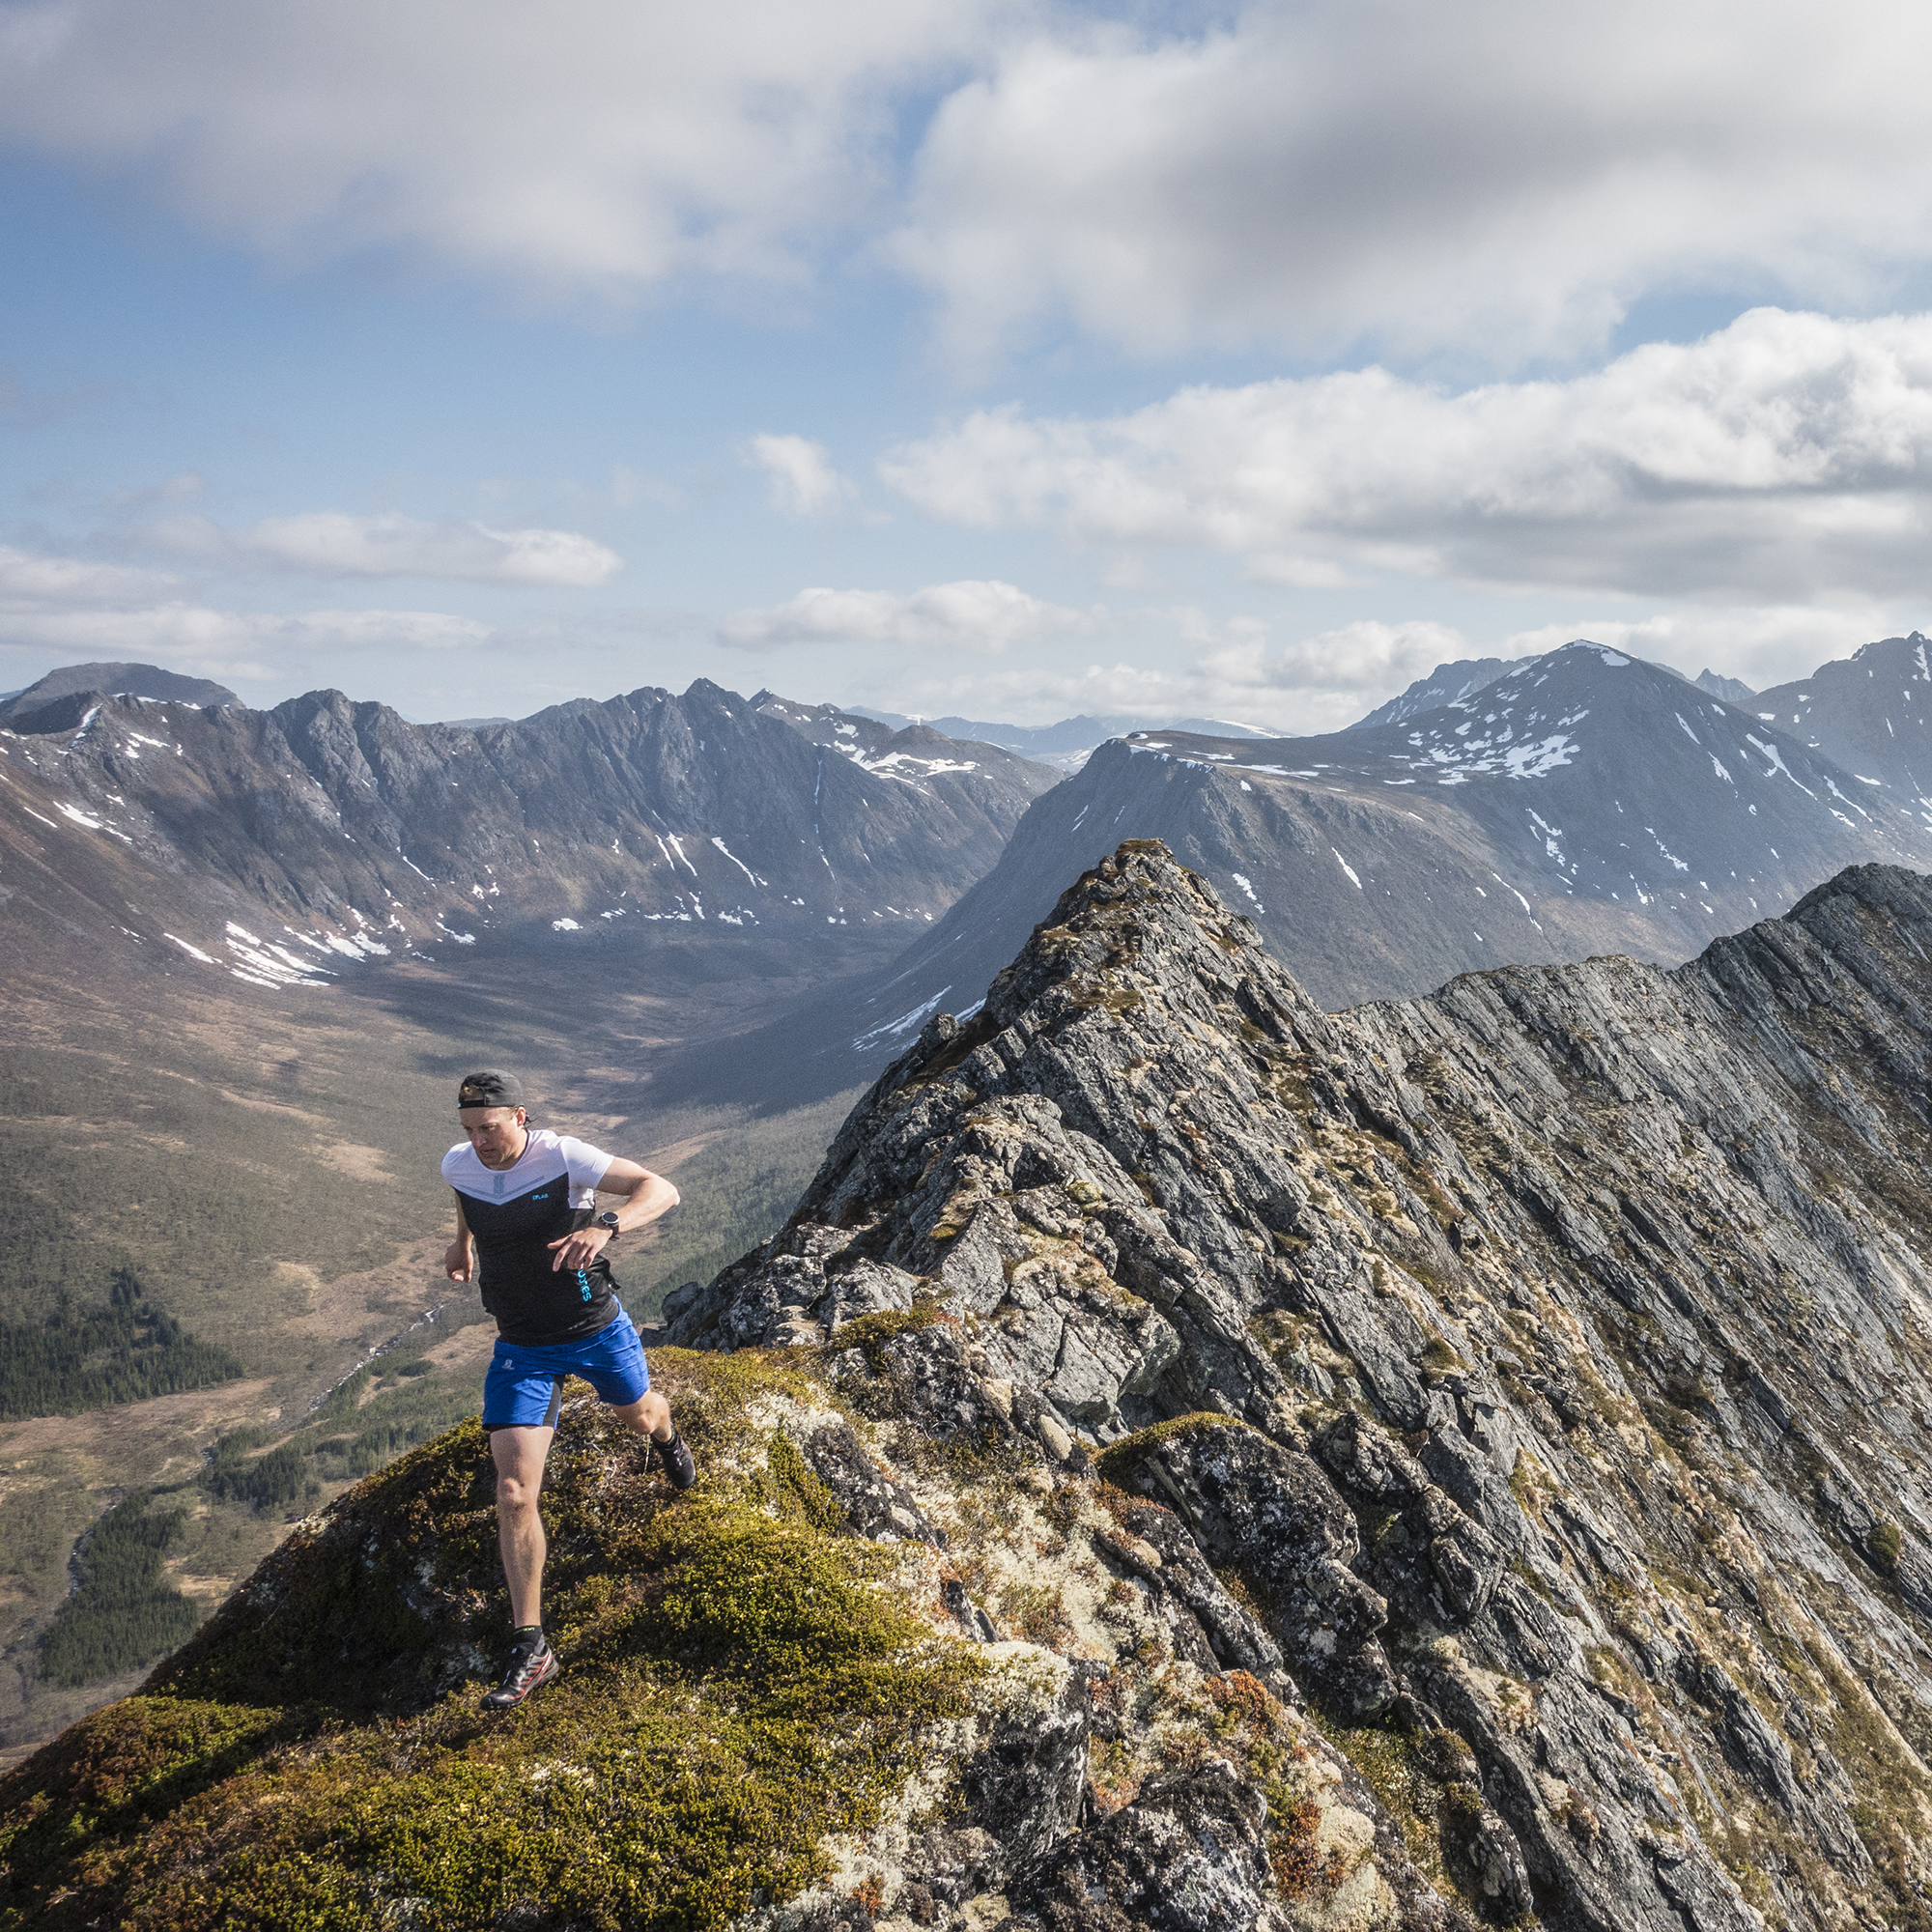 Photo from Kenn Lokkegaard, Danish mountain runner.